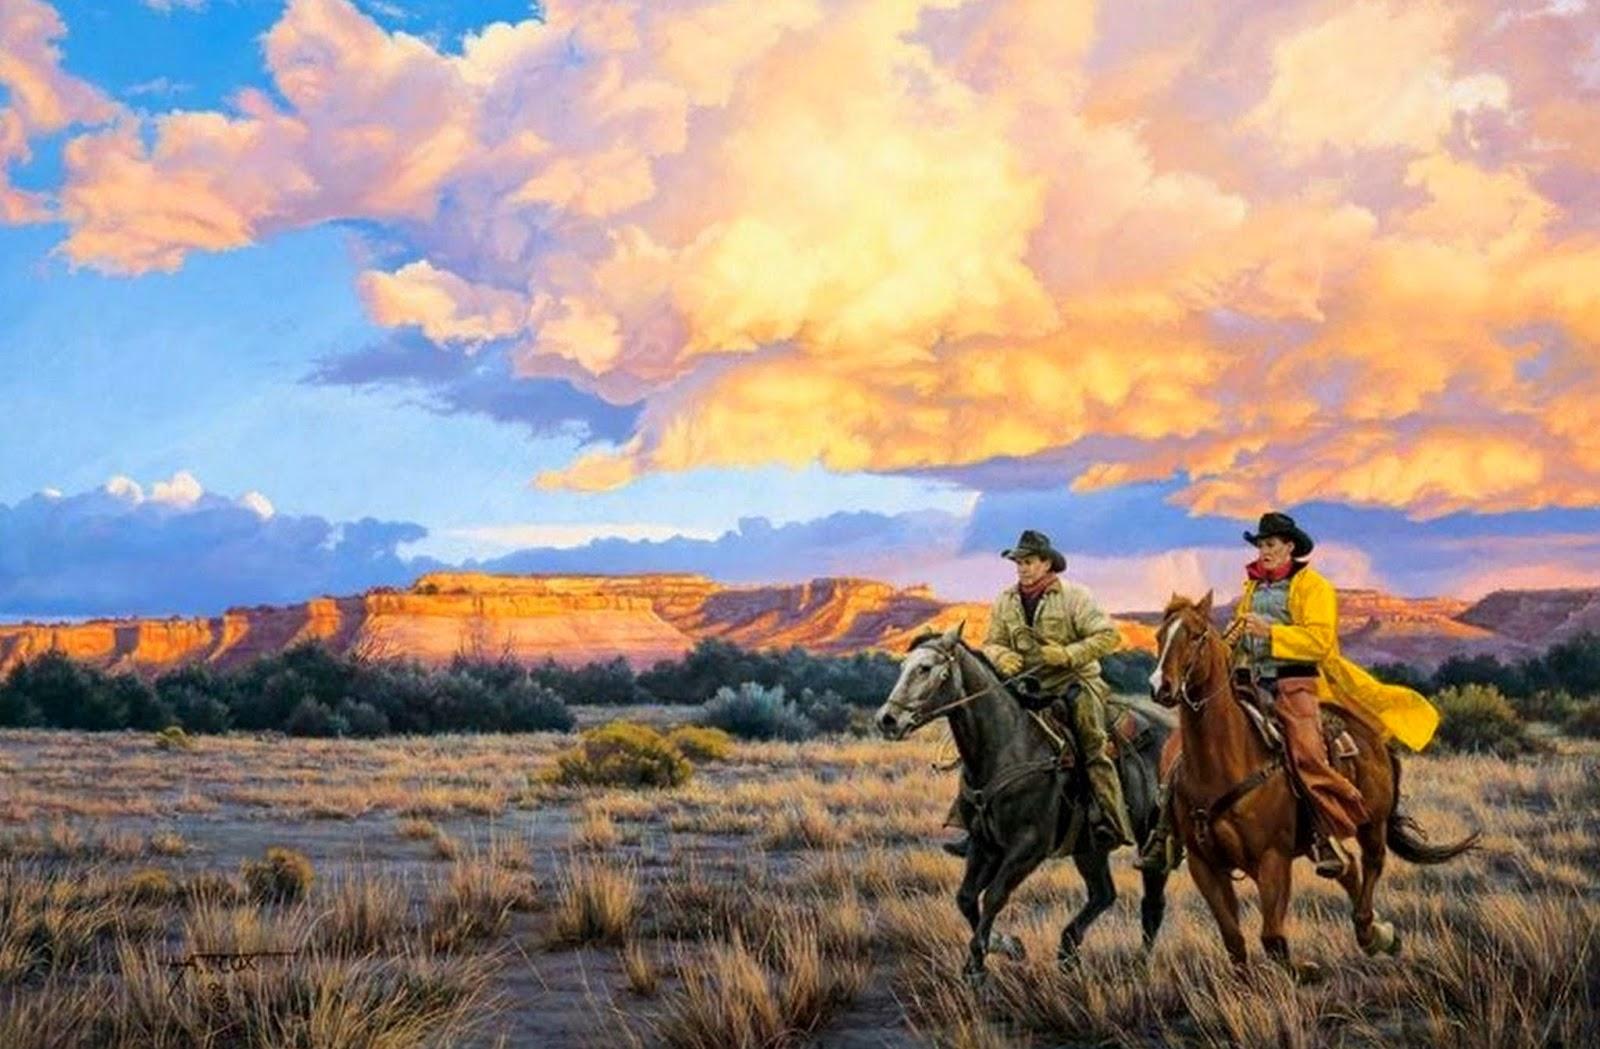 pinturas-al-oleo-paisajes-con-caballos